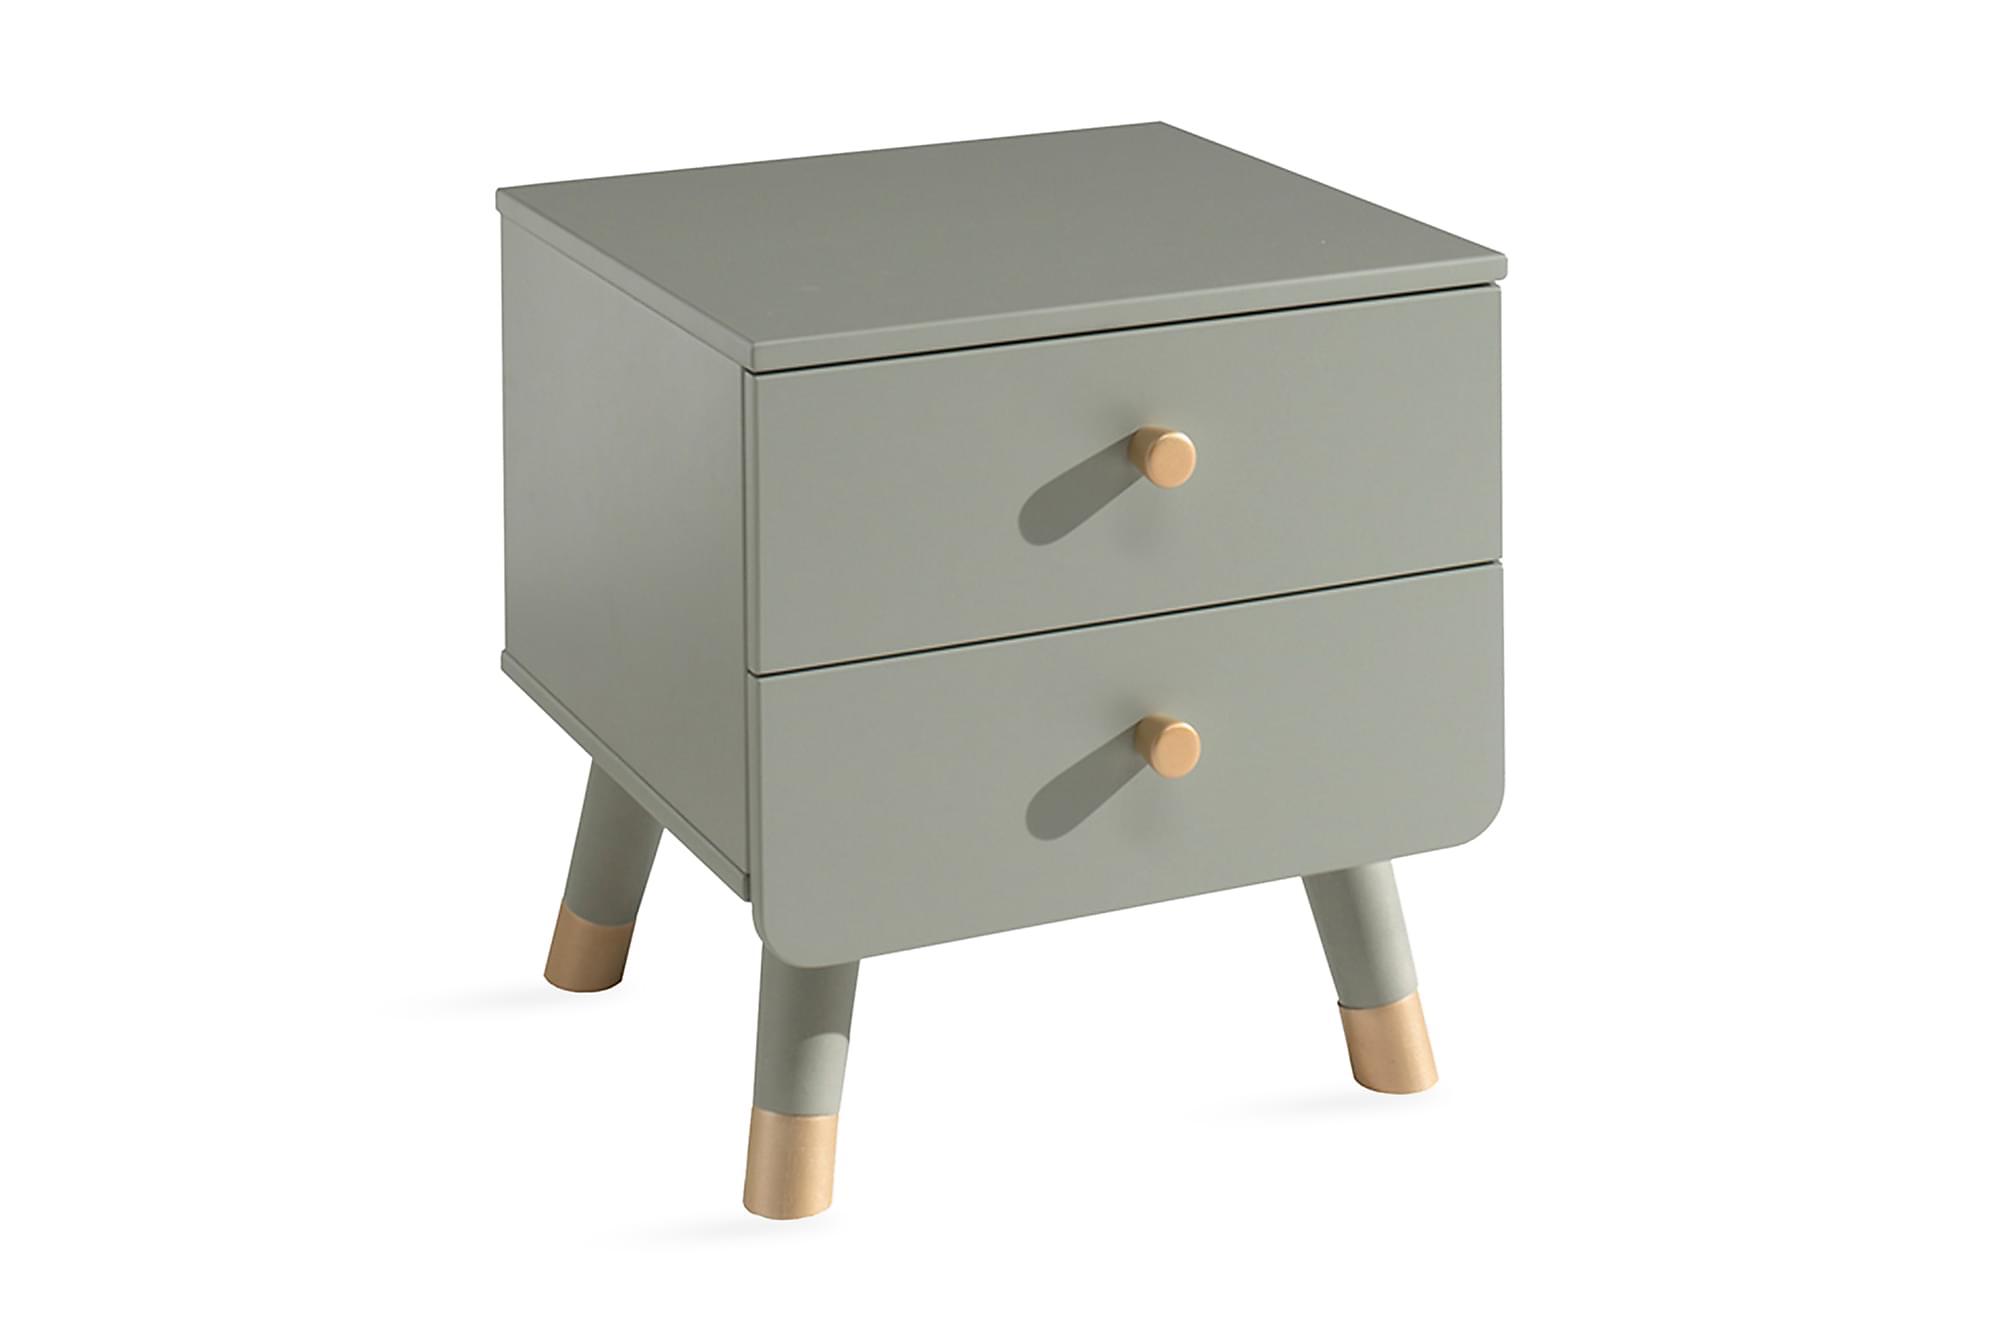 ARLUM Sängbord 43 cm Grön, Barnbord